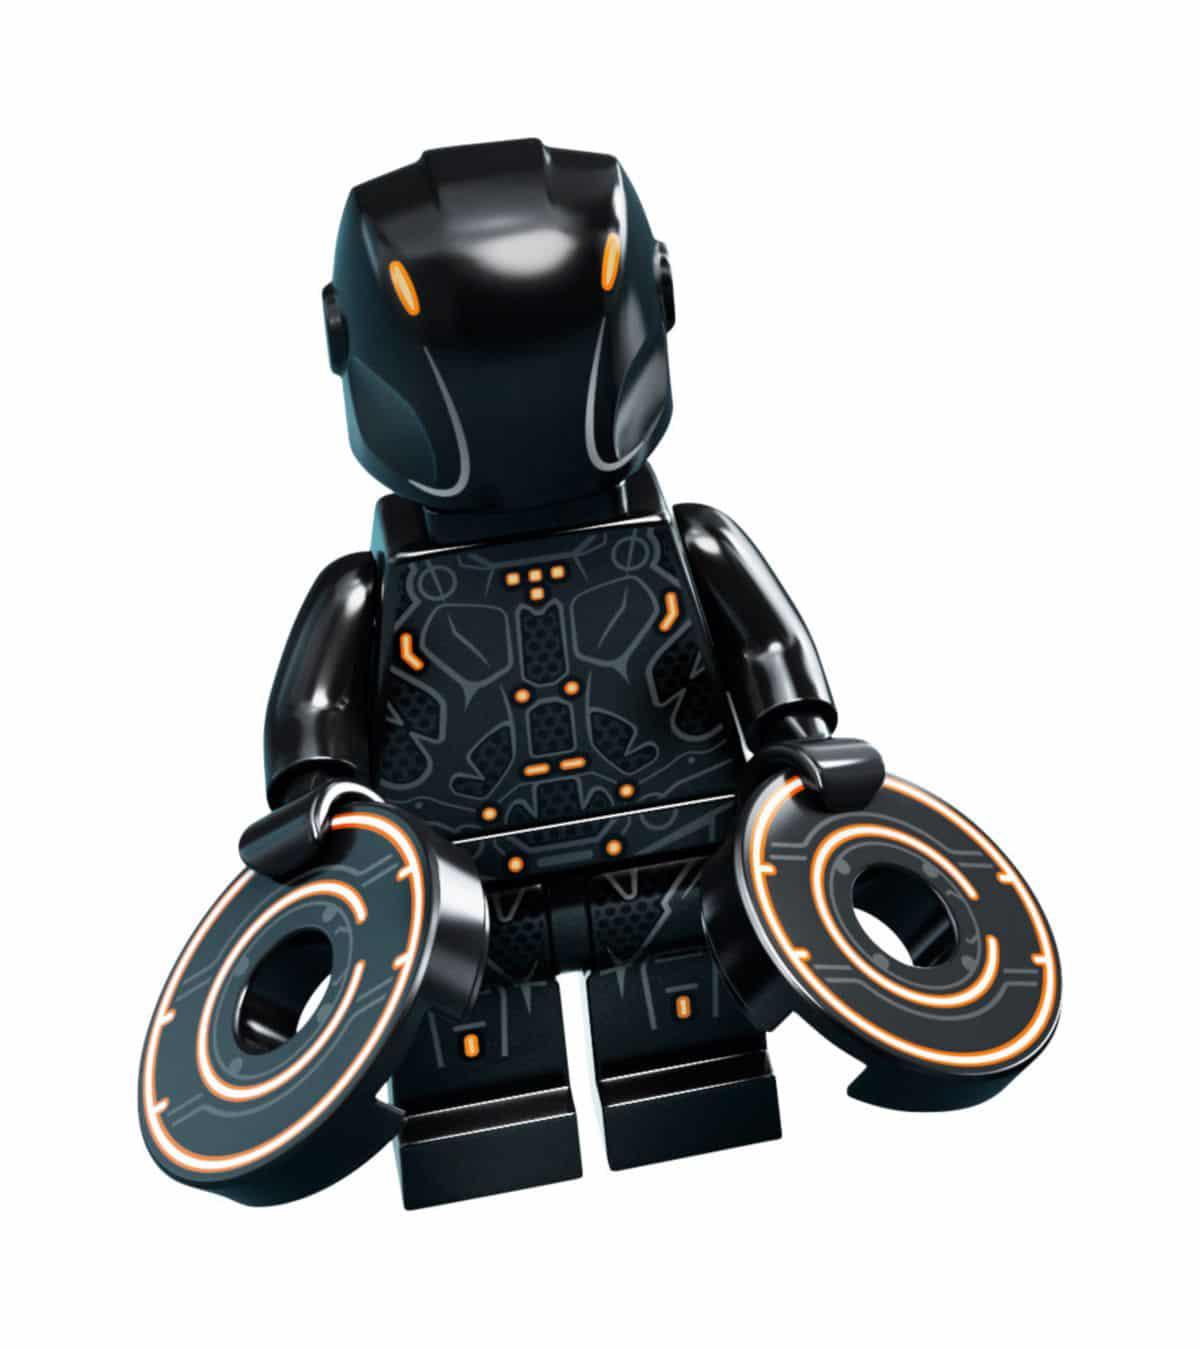 LEGO 21314 Rinzler